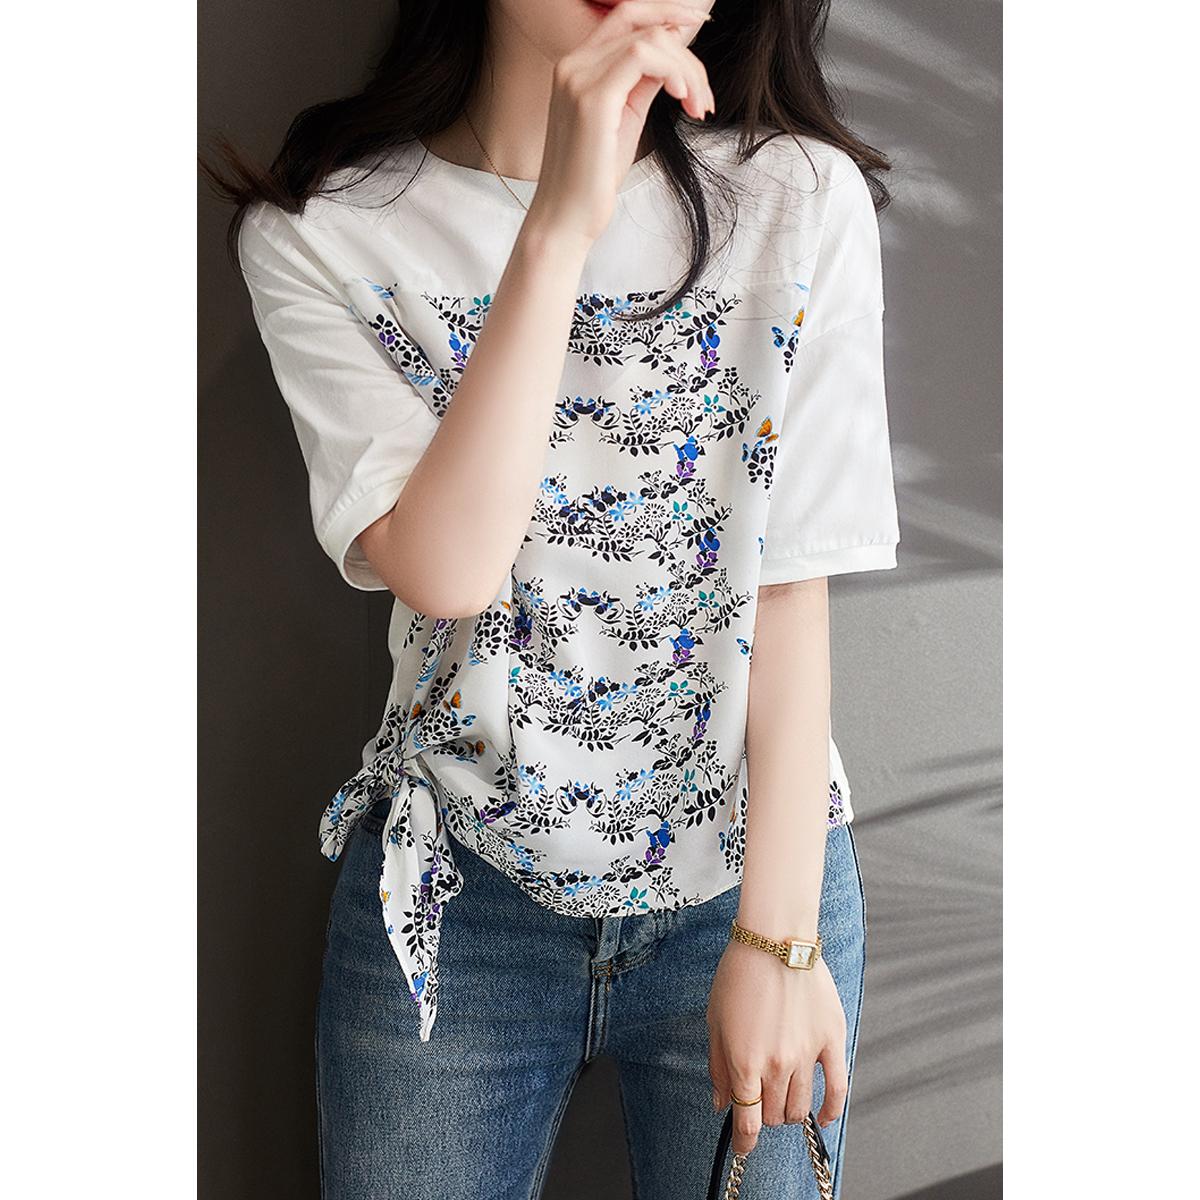 系带桑蚕丝+棉上衣设计感短袖t恤女2021年新款TX392448MG